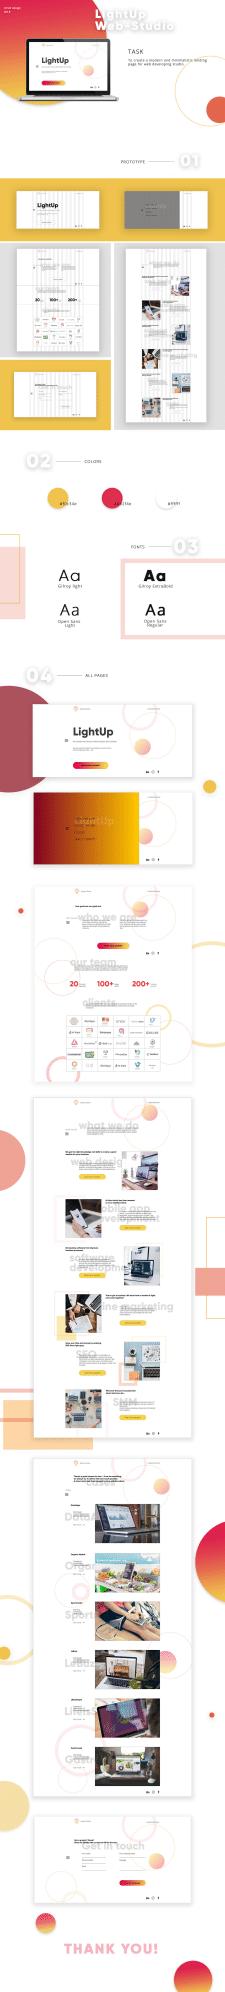 Минималистичный дизайн для Веб-студии